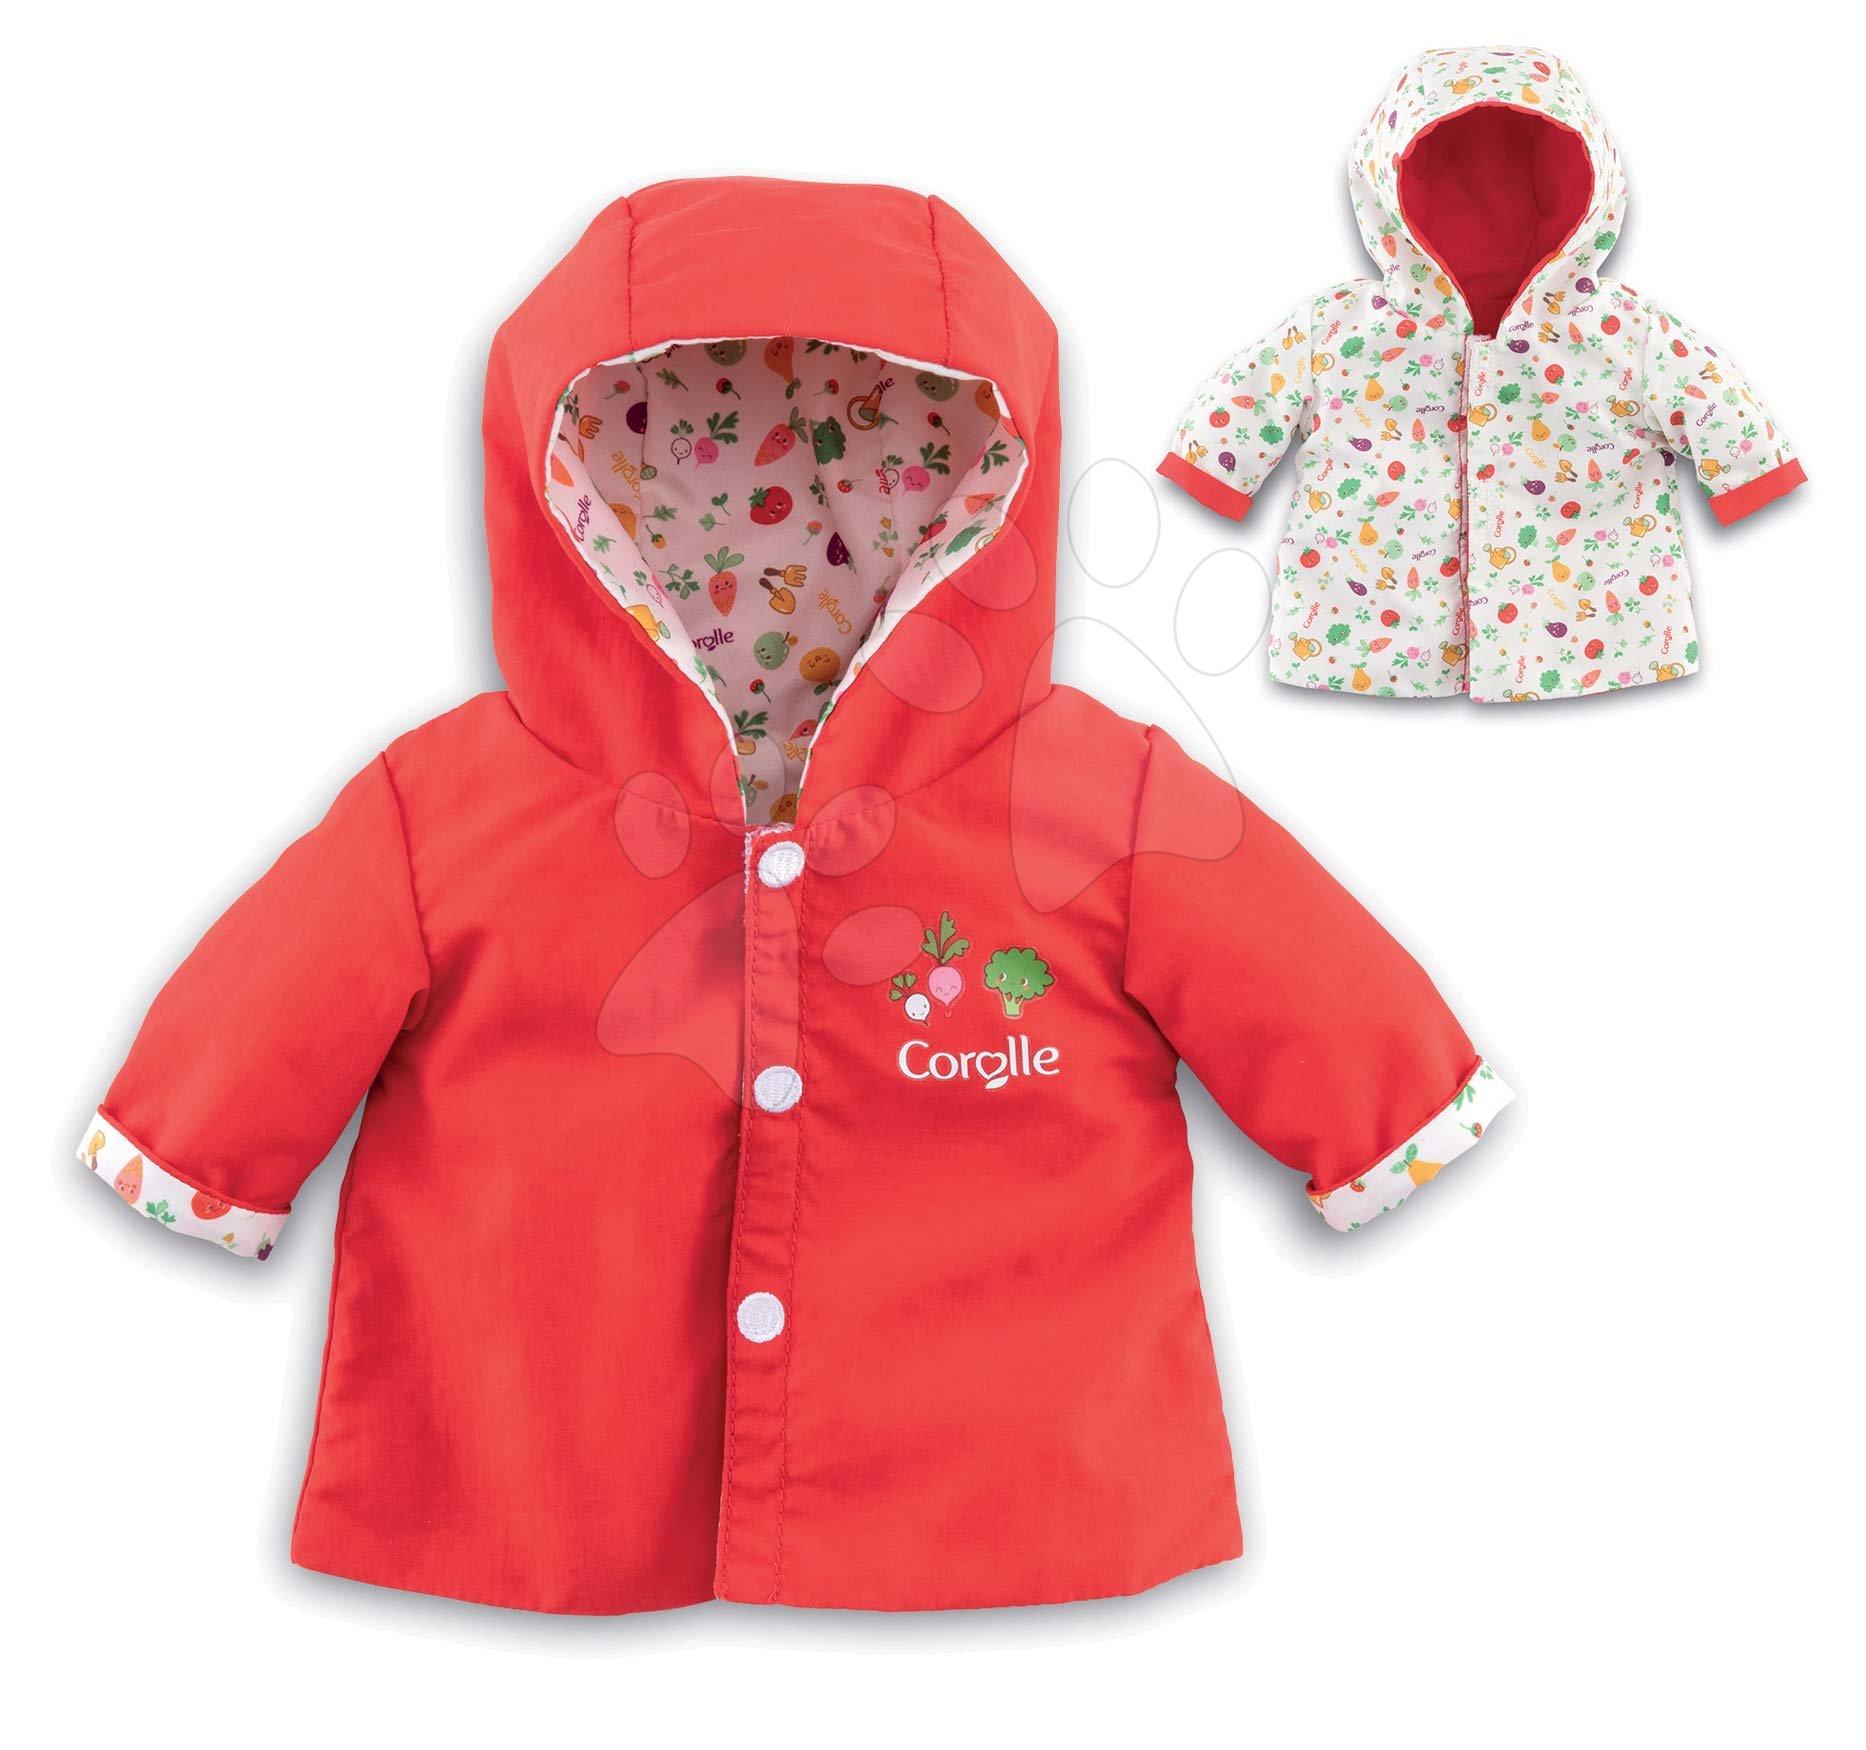 Oblečení pro panenky - Oblečení Rain Coat Garden Corolle pro 30 cm panenku od 18 měs